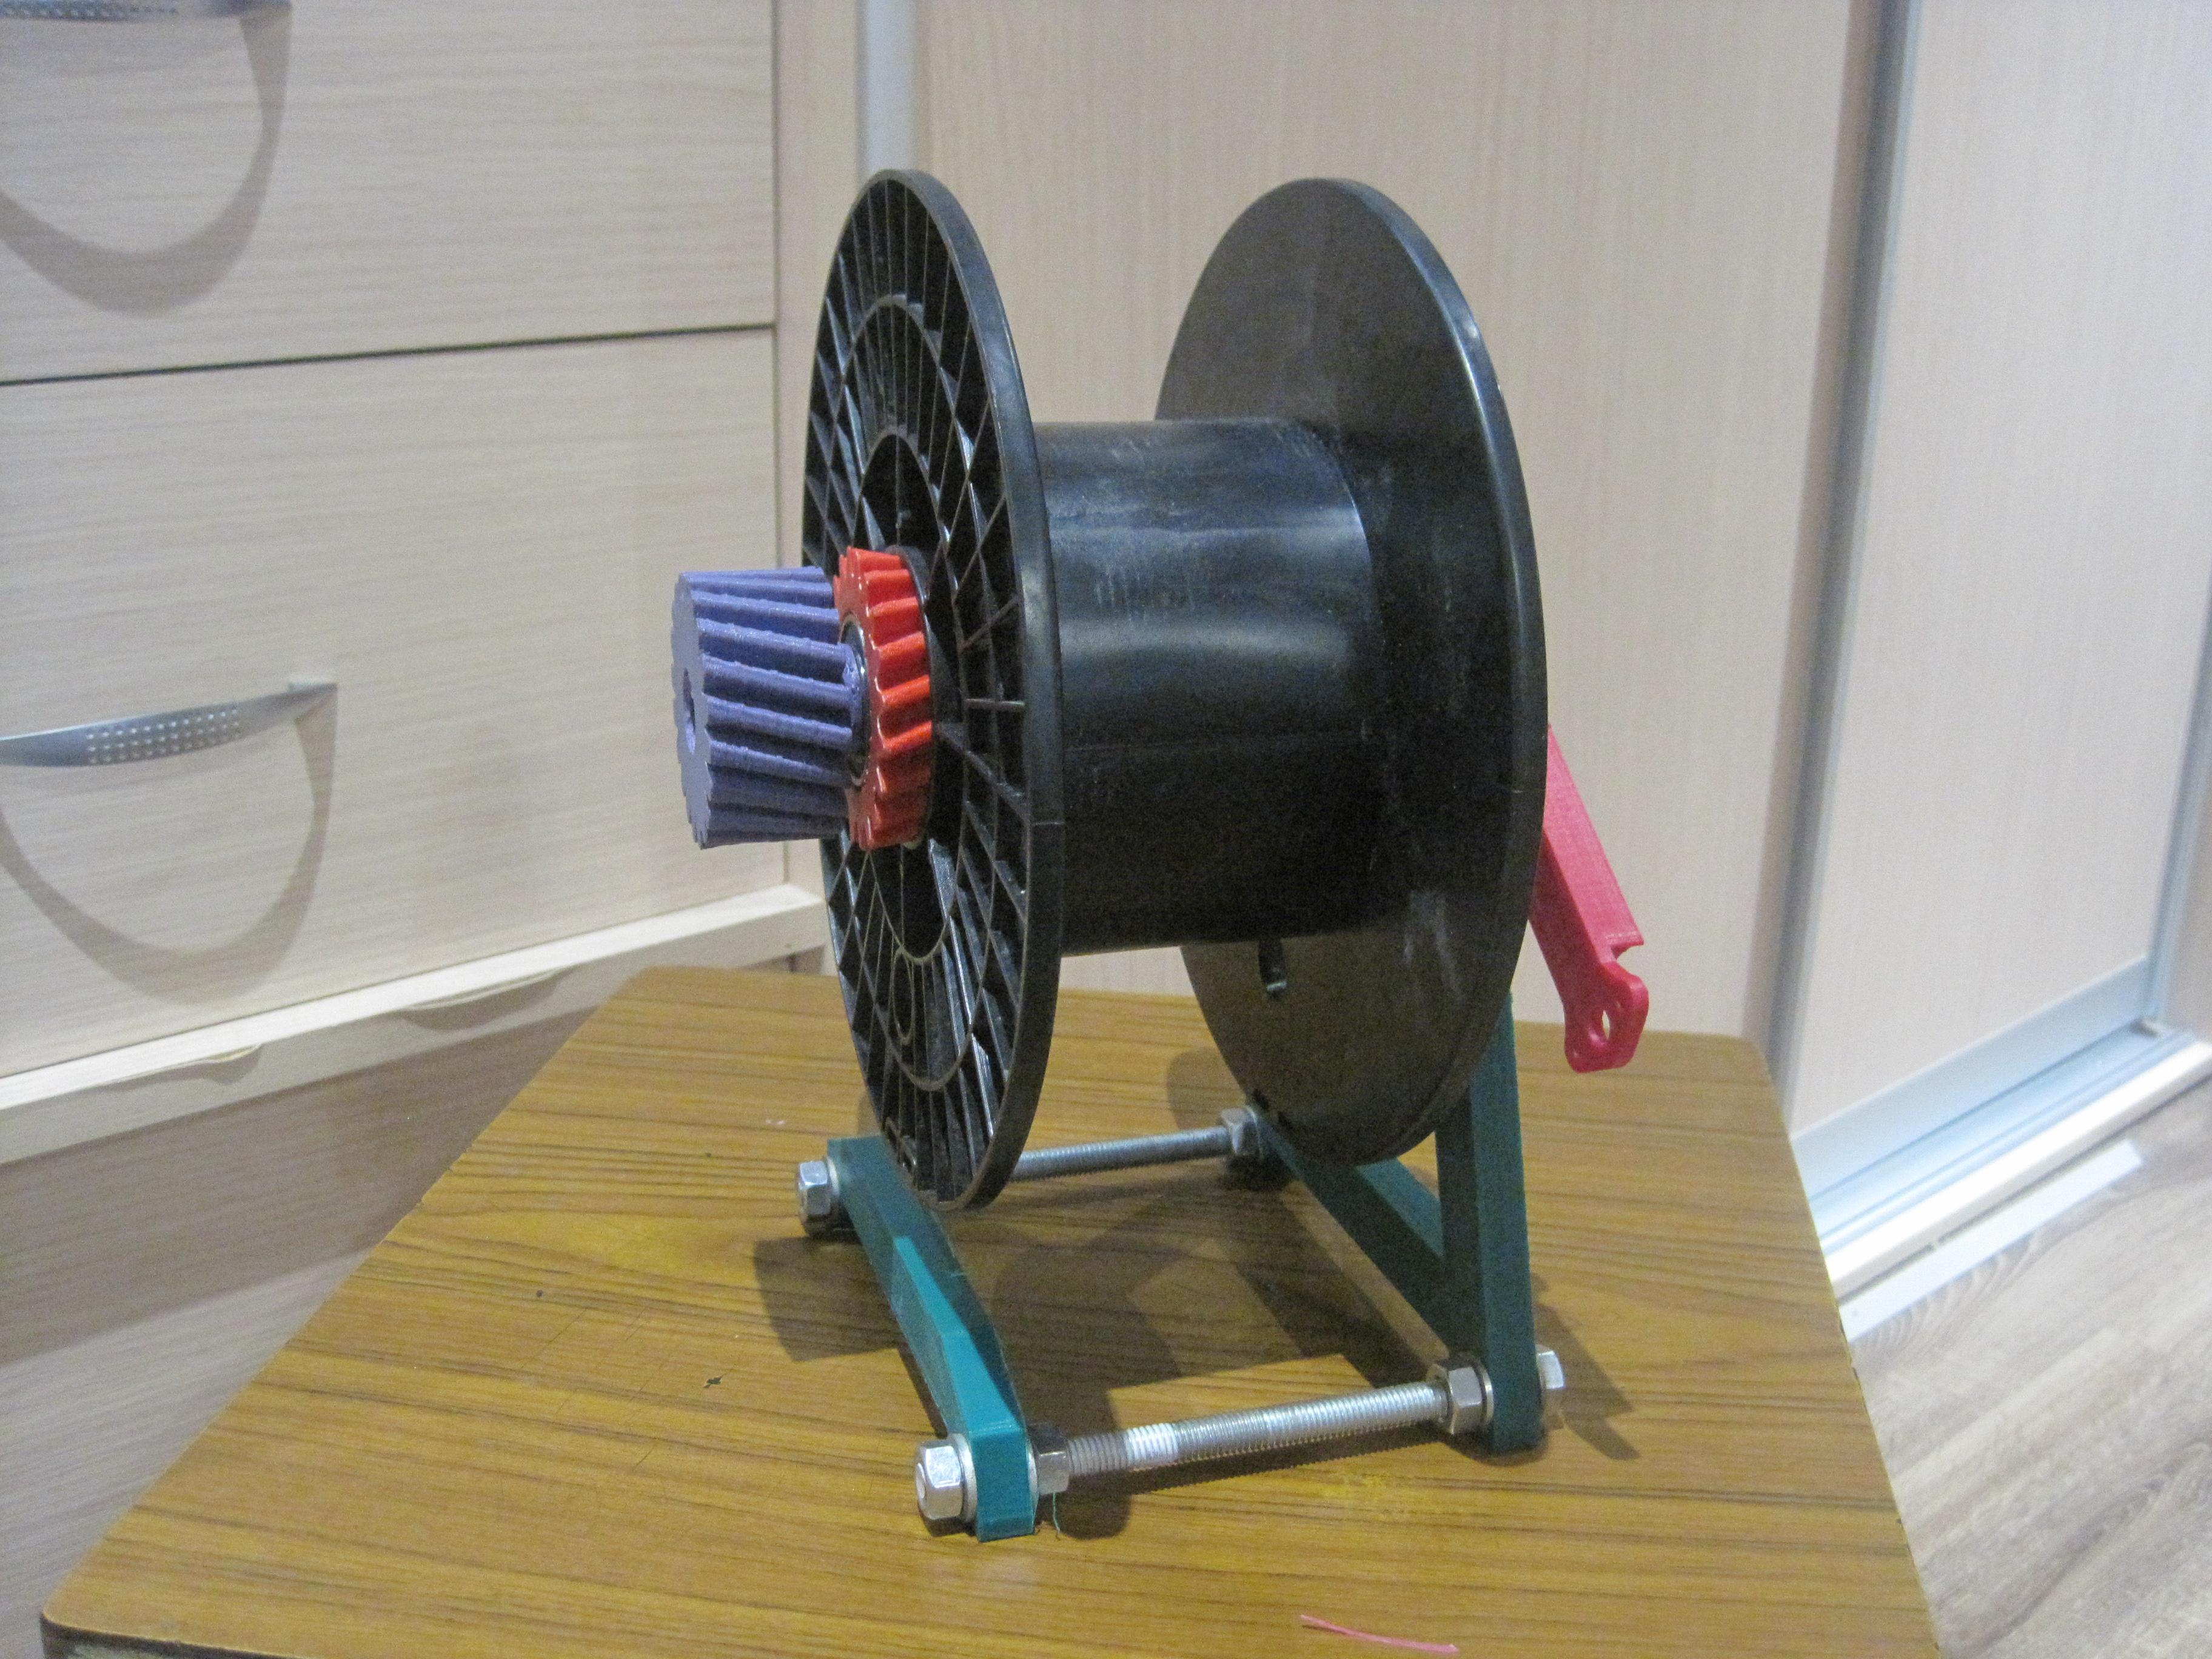 Экструдер для прутка для 3d принтера своими руками фото 612